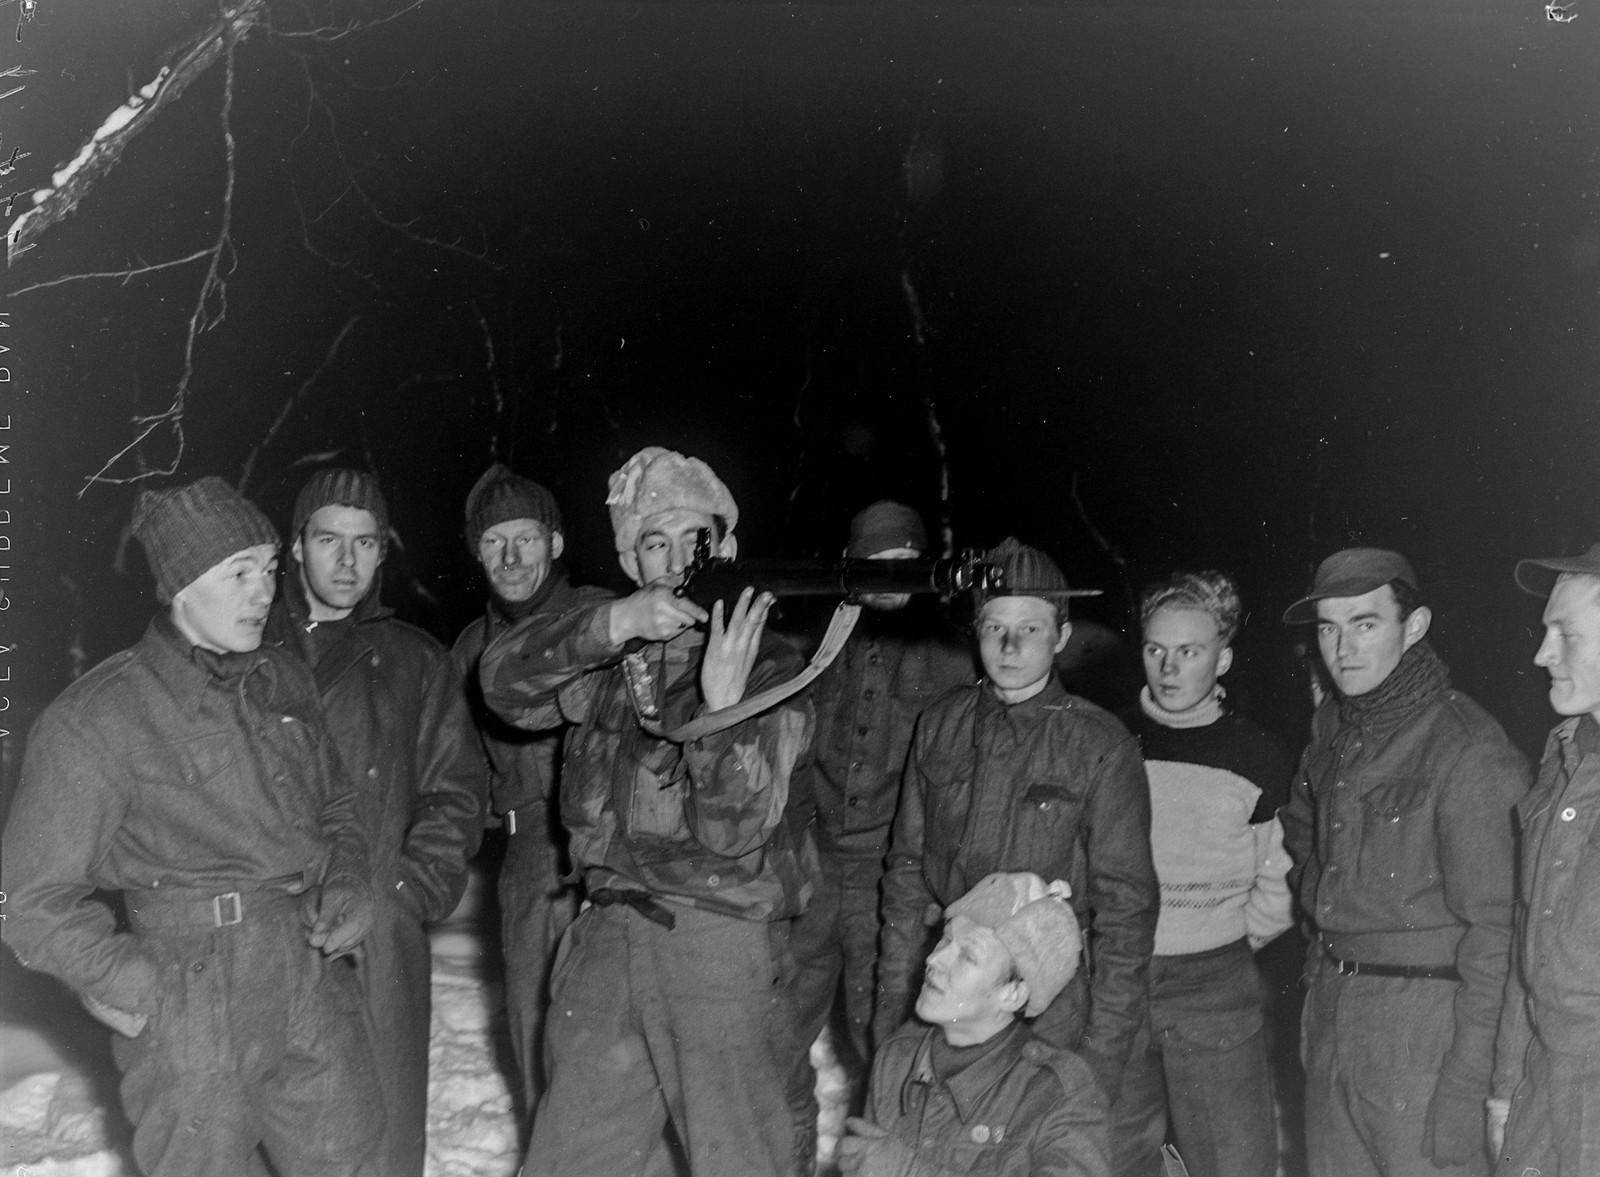 Original bildetekst: Allerede de første dagene etter befrielsen av Kirkenes meldte omlag 1.500 nordmenn seg som frivillige til de norske styrkene. Under ledelse av norske offiserer tok de straks opp trening og vaktarbeide i de befriede områder. En ser her skyteøvelser i den arktiske vinternatten